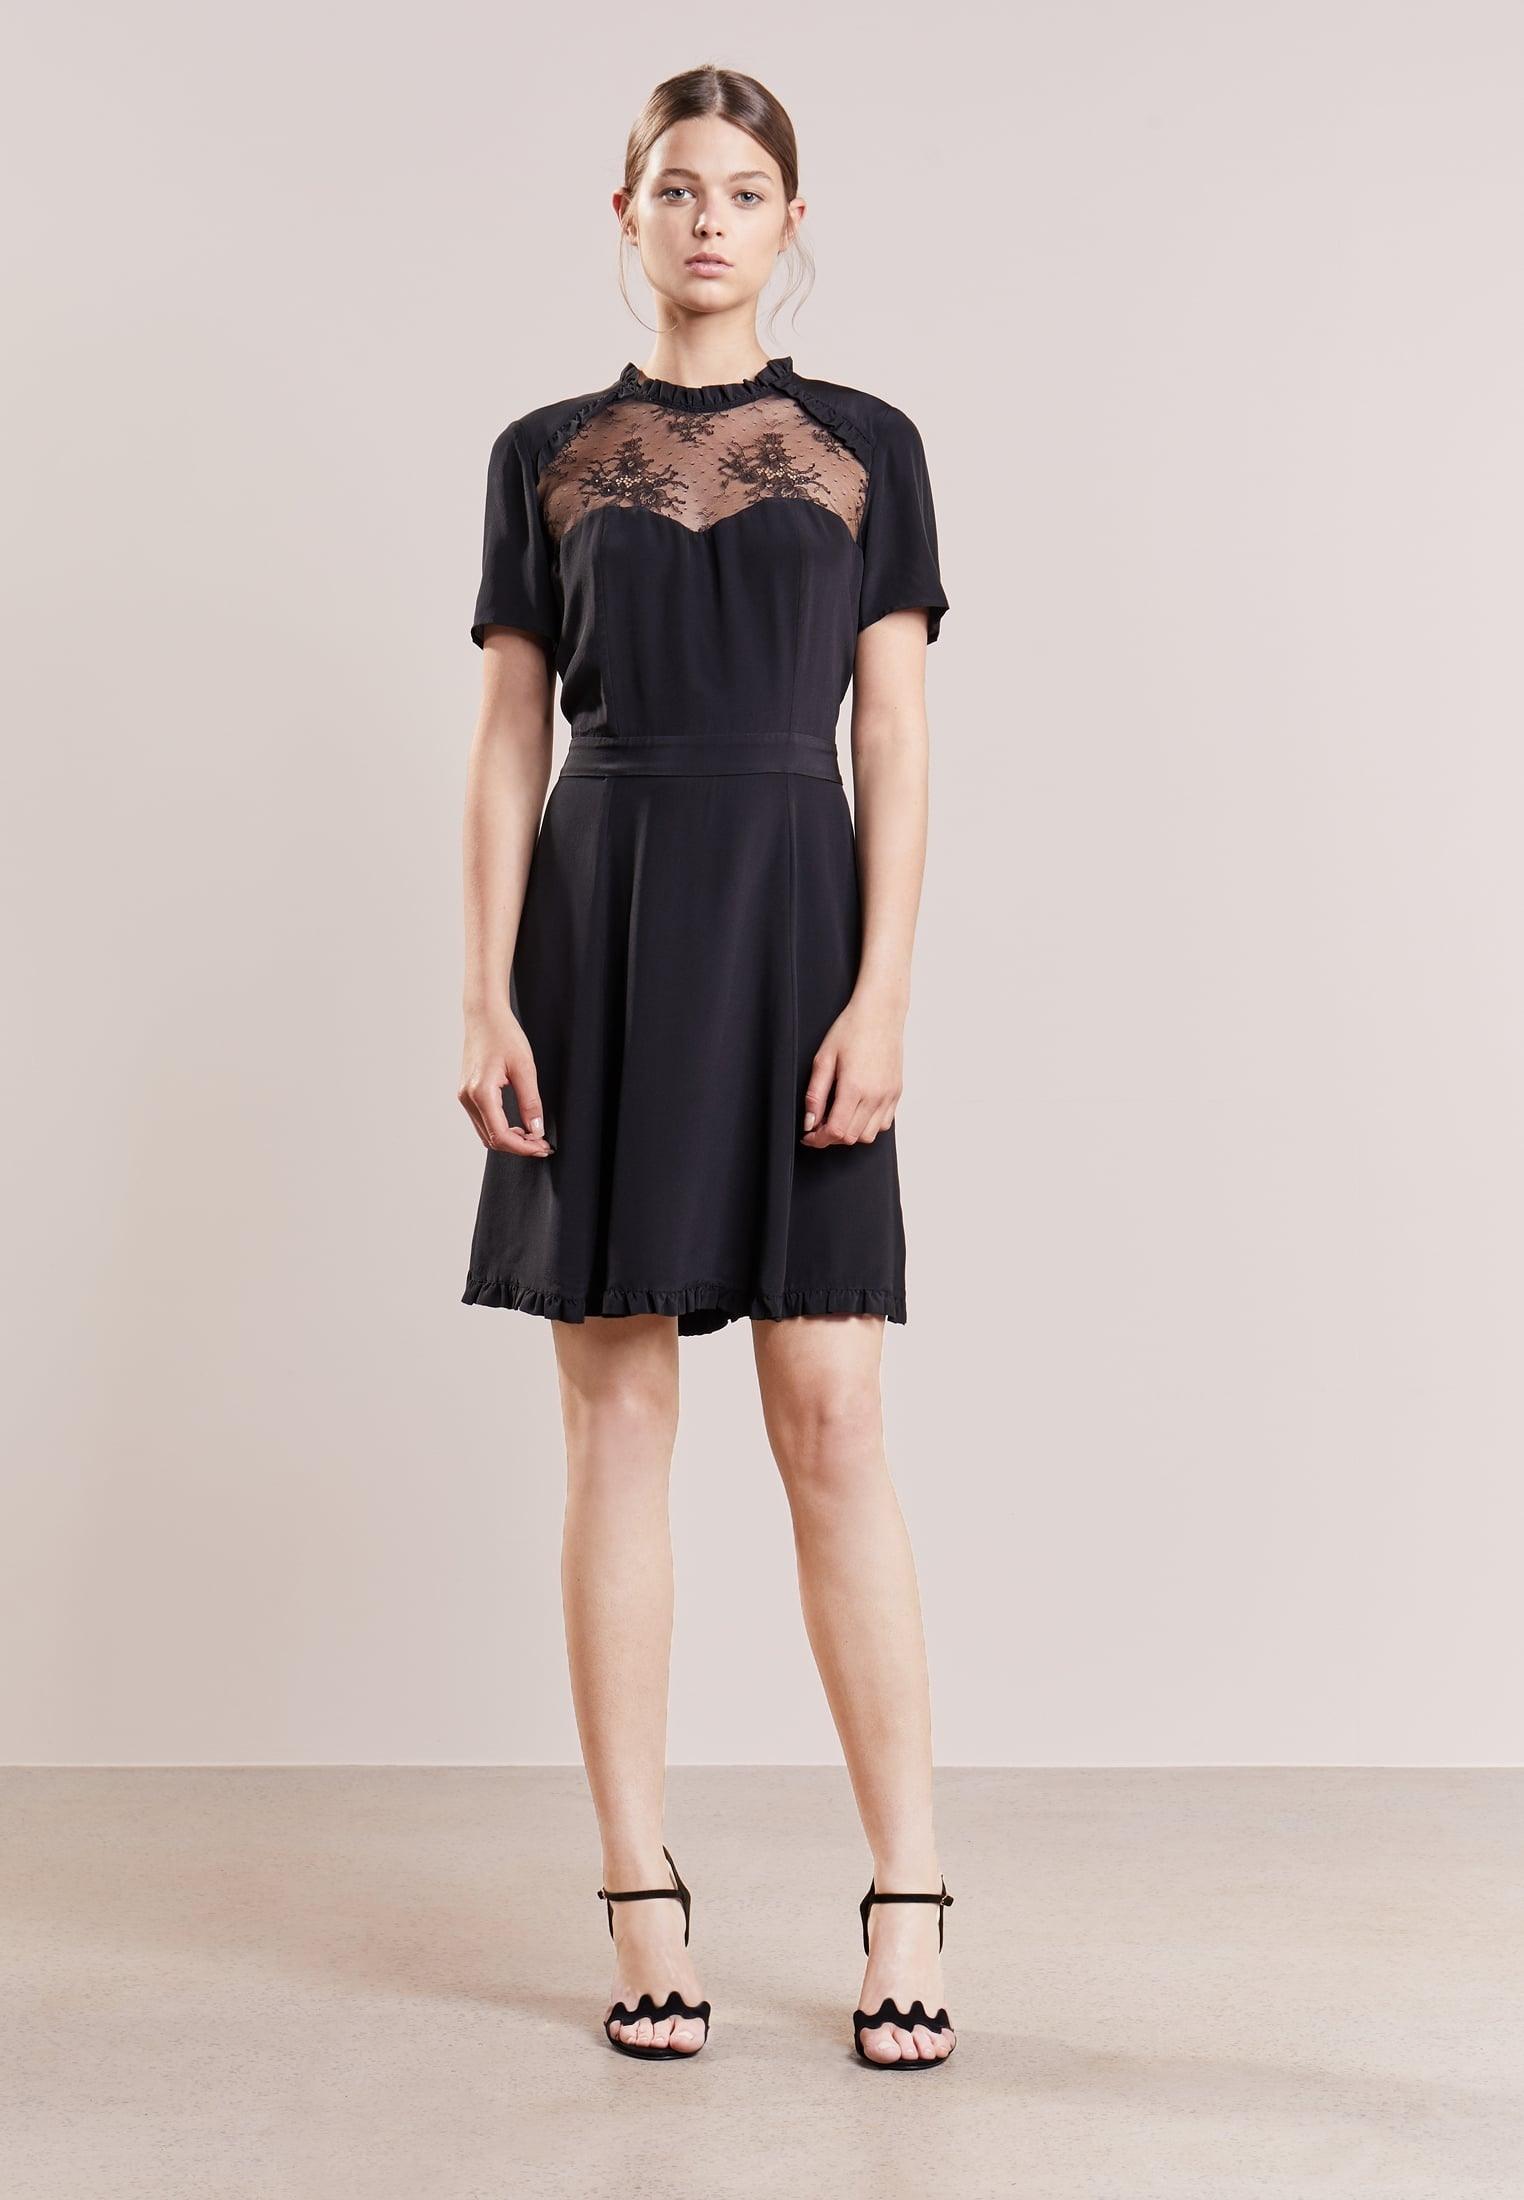 Designer Schön Festliches Kleid 48 für 2019Formal Perfekt Festliches Kleid 48 Boutique